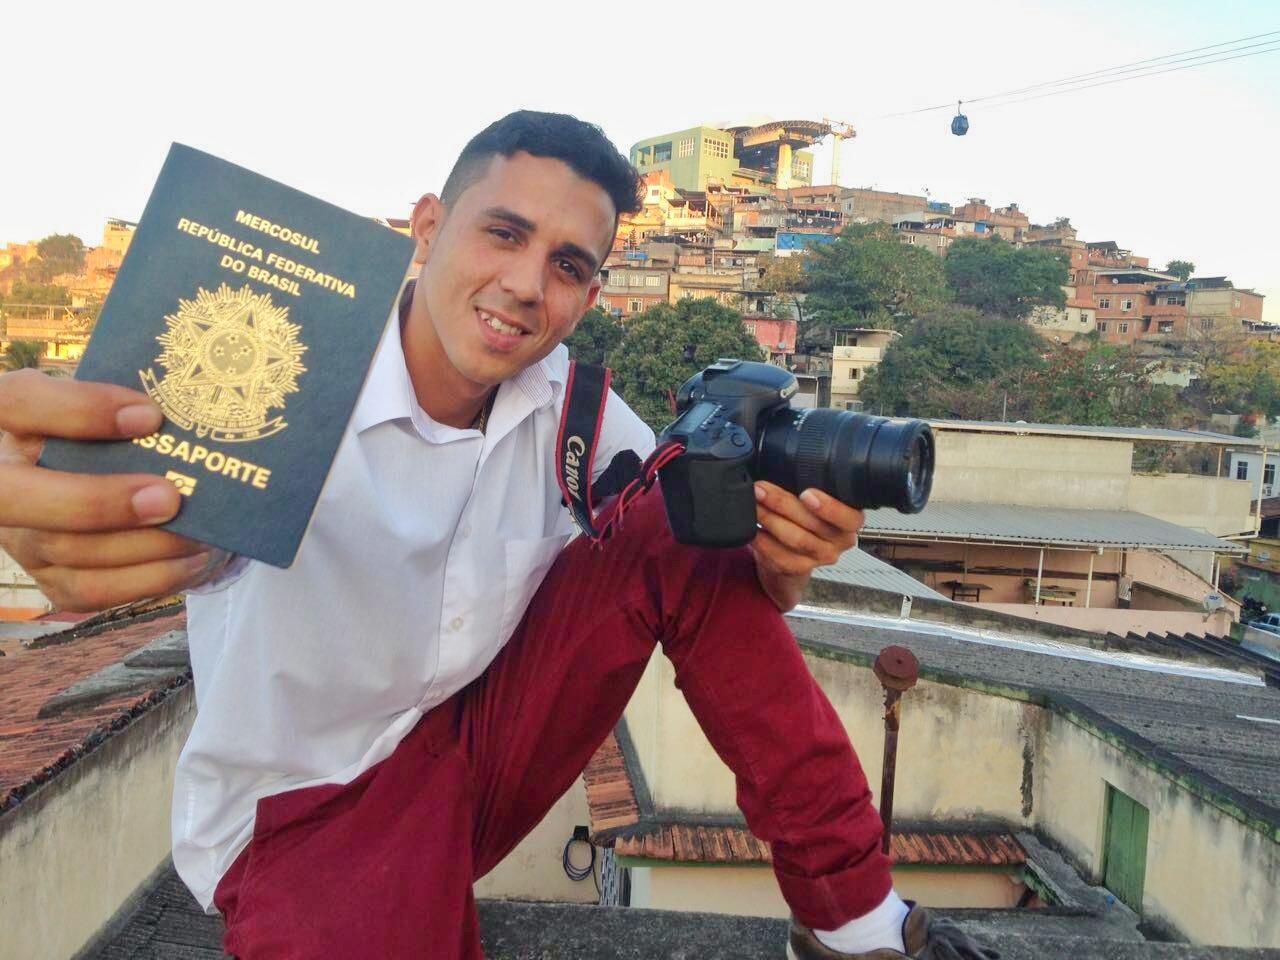 Bruno Itan representa Foto Clube em exposição na Alemanha